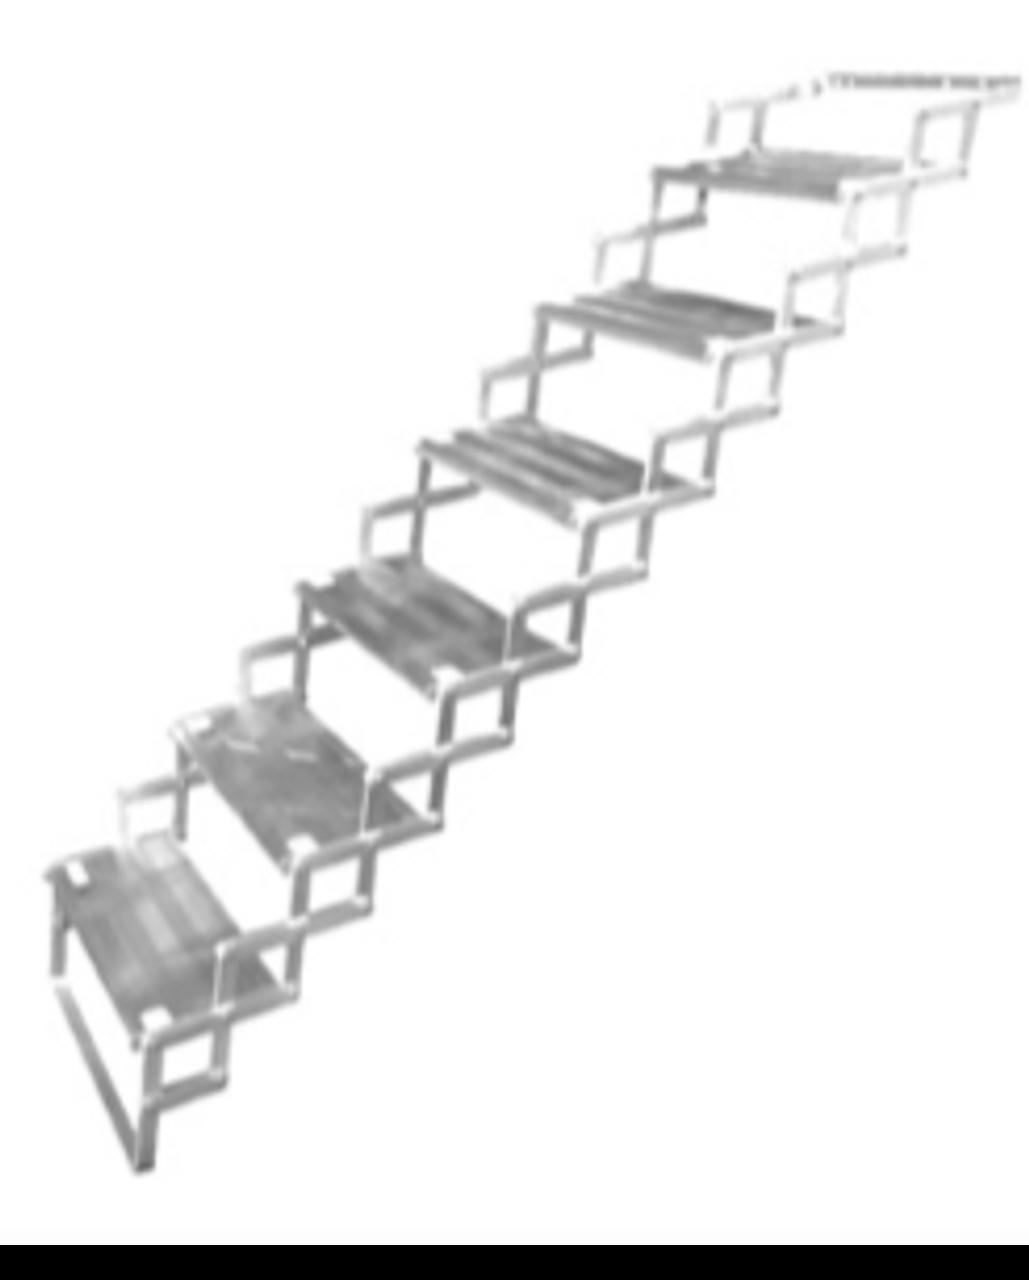 Torklift 6 step folding steps